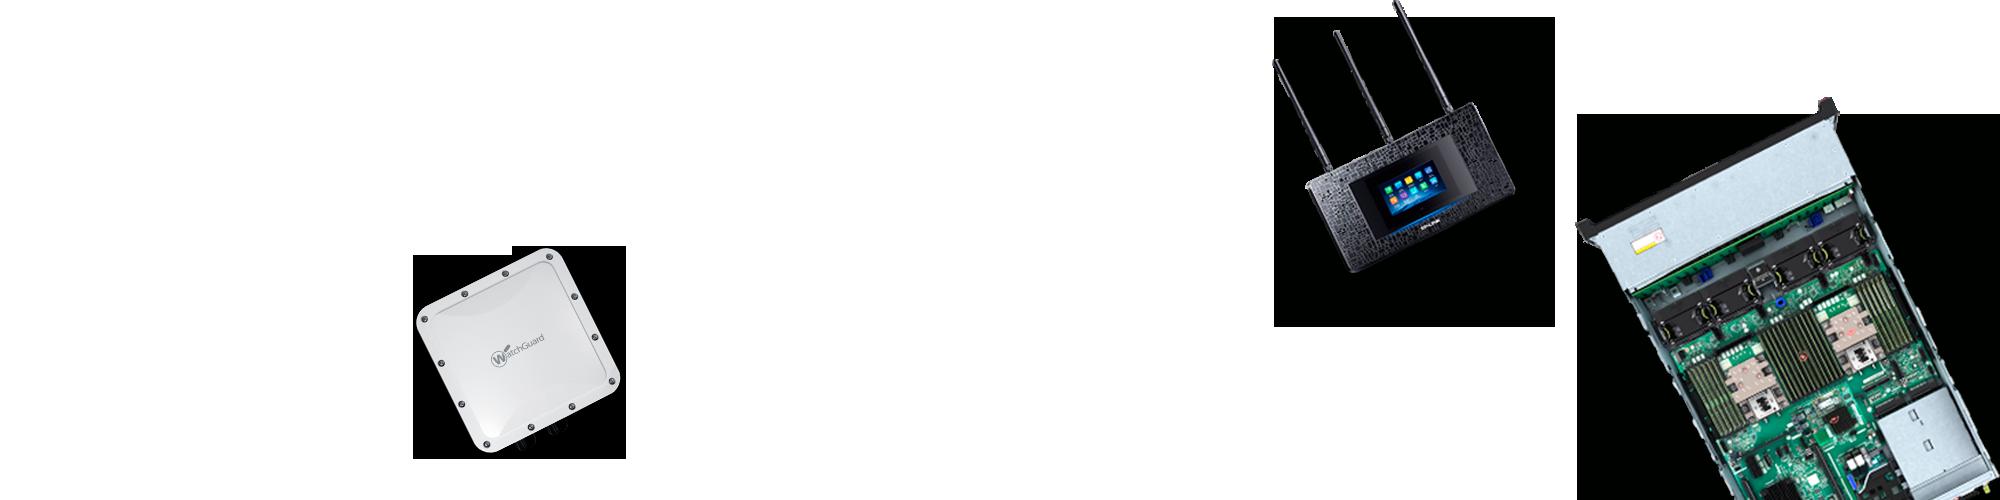 bg-header-v2